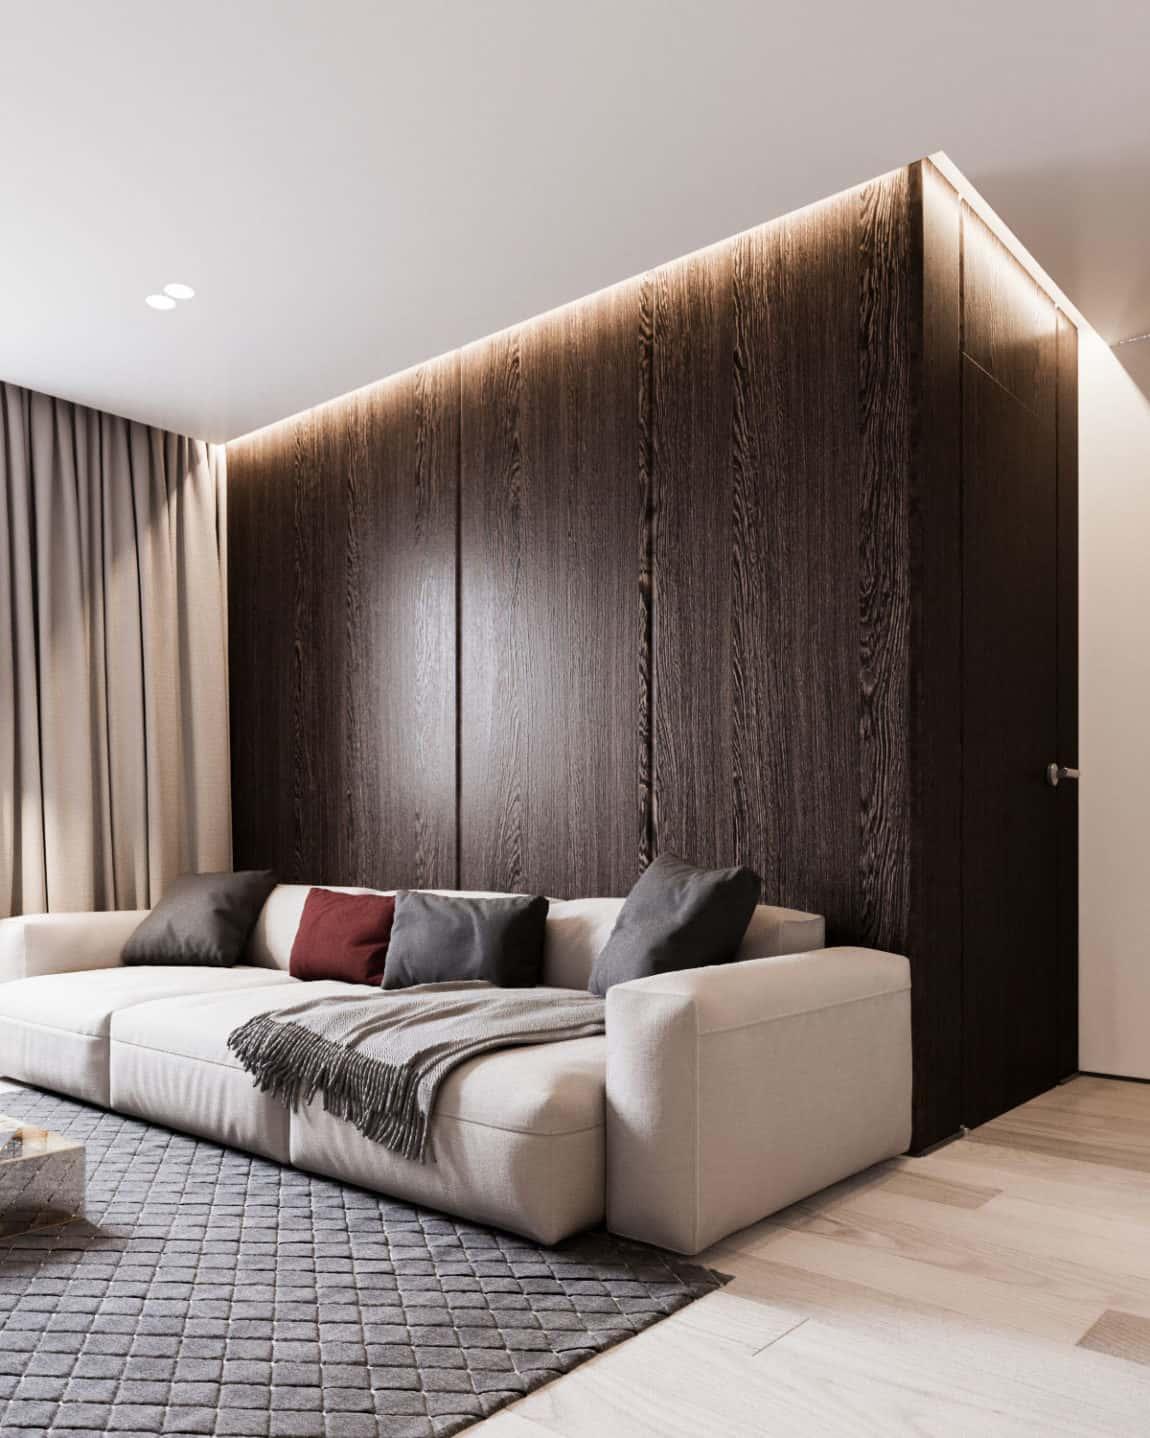 Minsk Apartament by Yevhen Zahorodnii & Sivak Trigubchak (24)